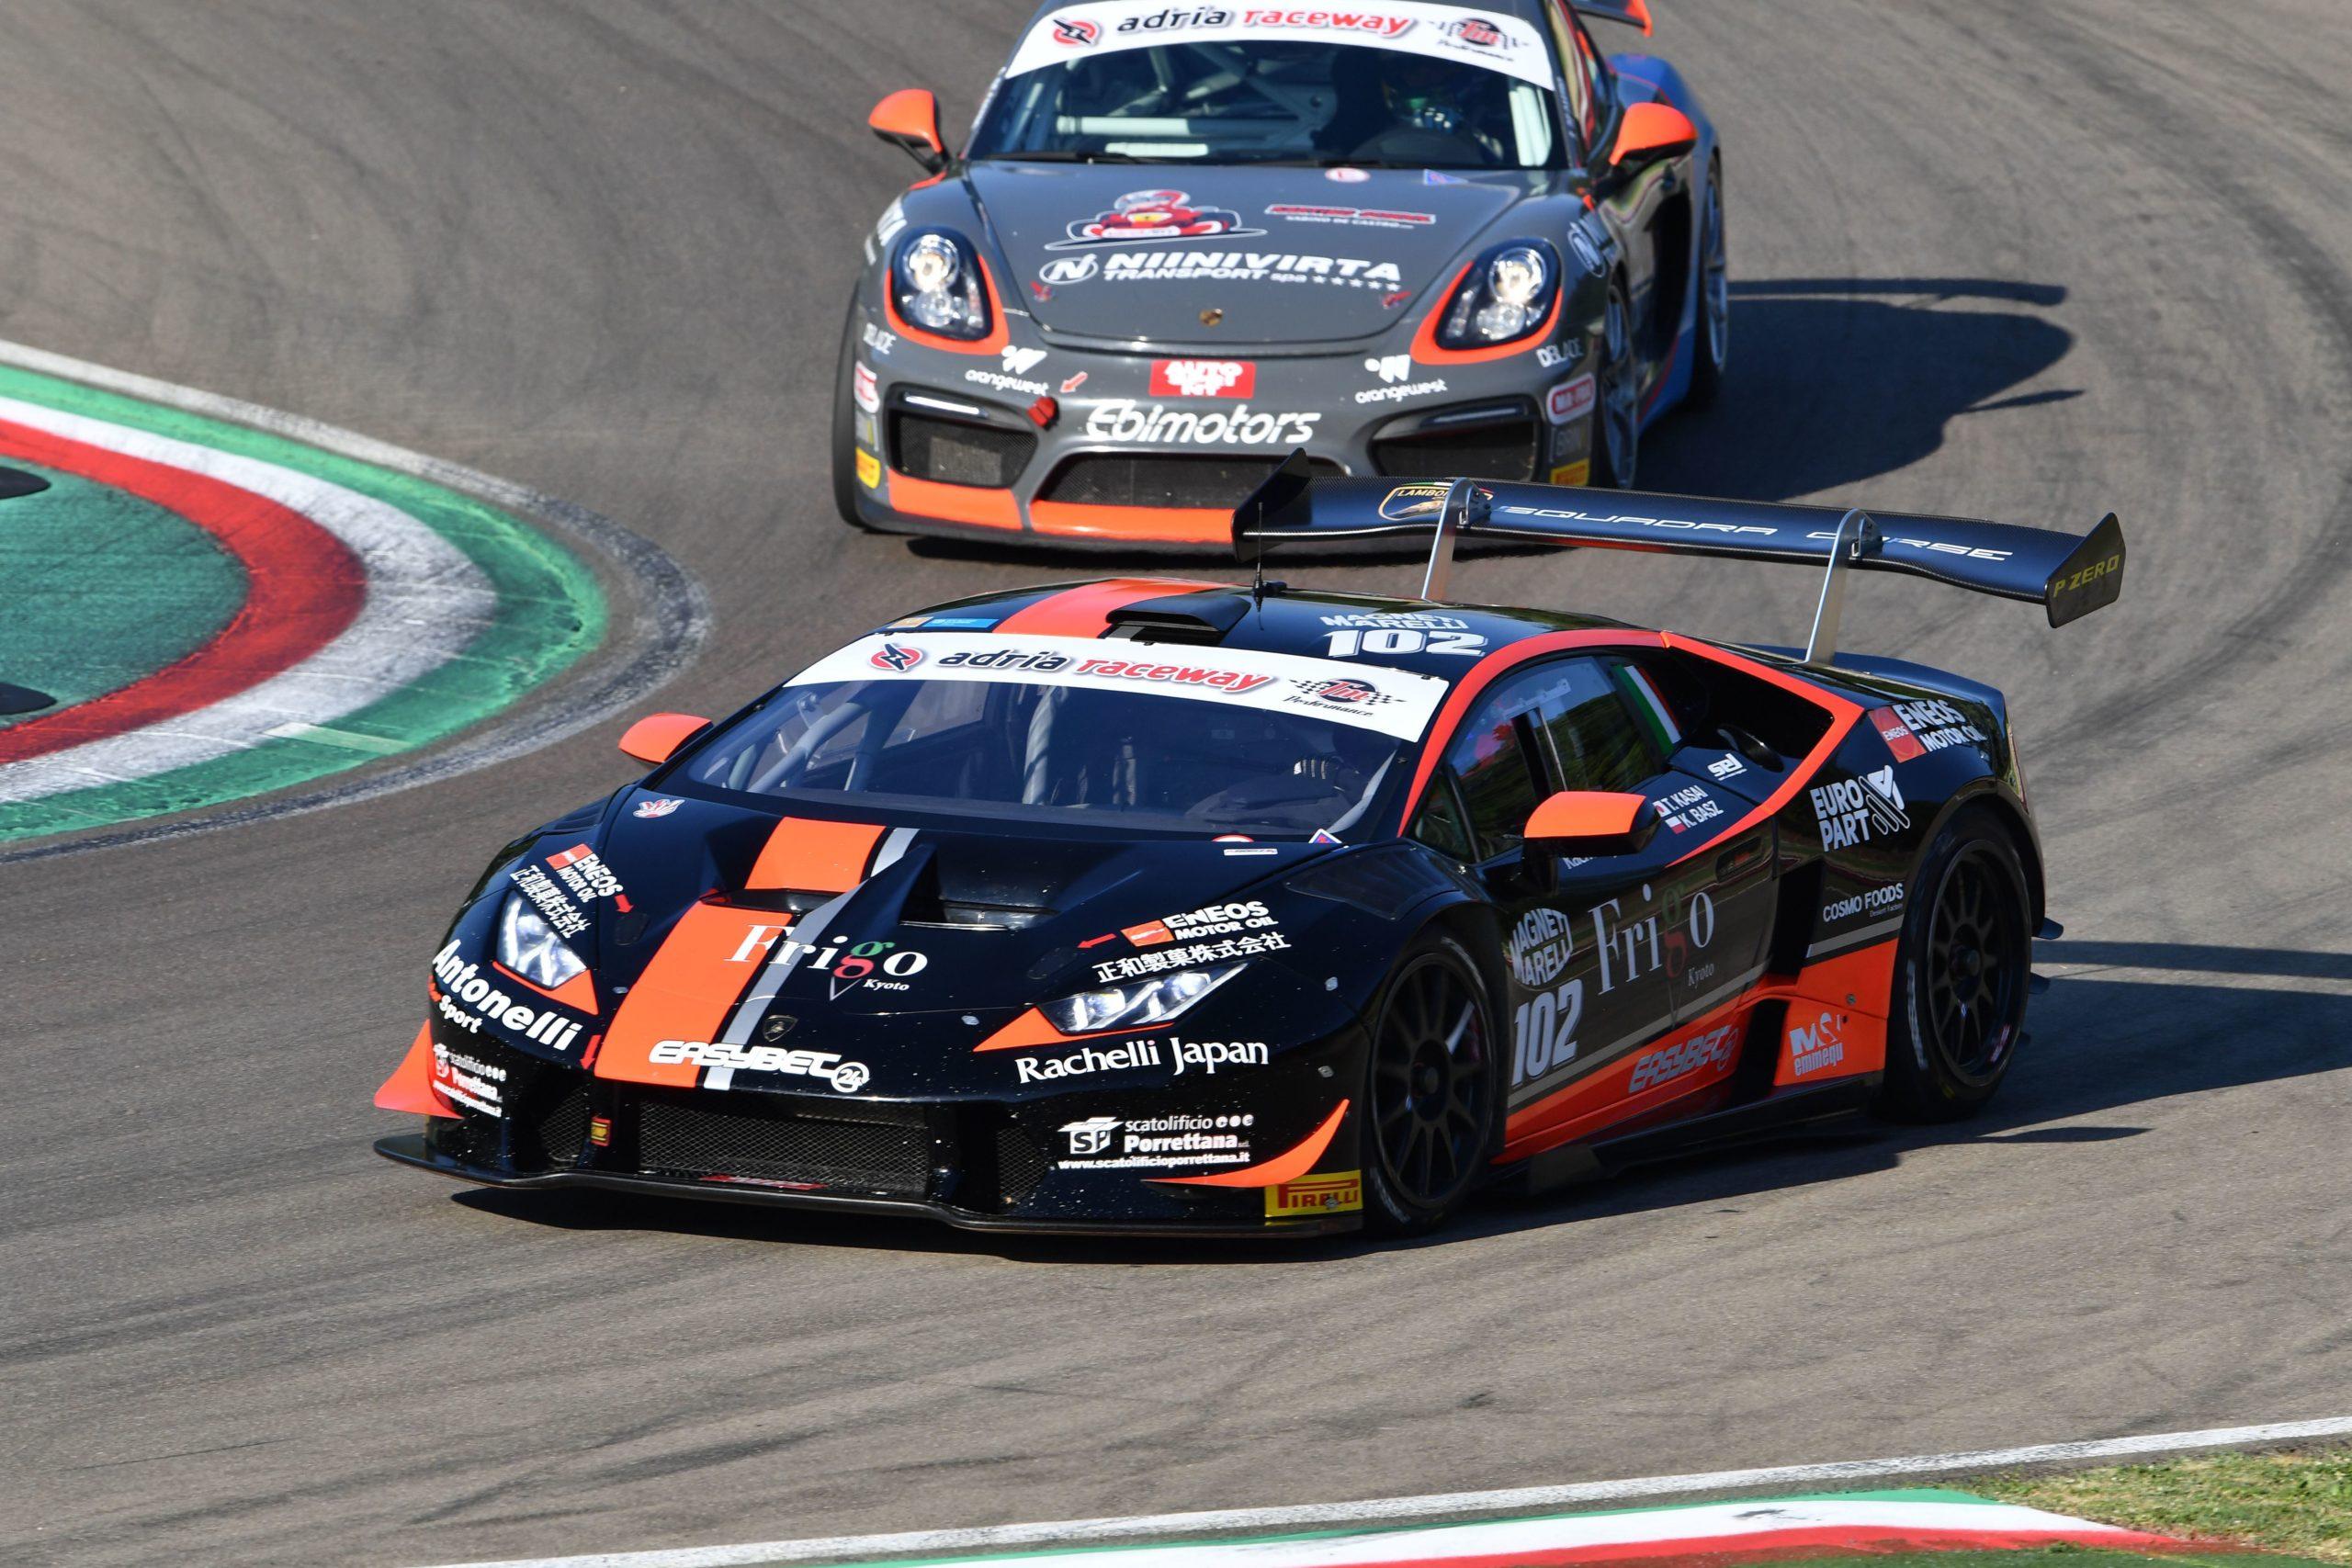 Karol Basz (Antonelli Motorsport,Lamborghini Huracan-S.GTCup #102)